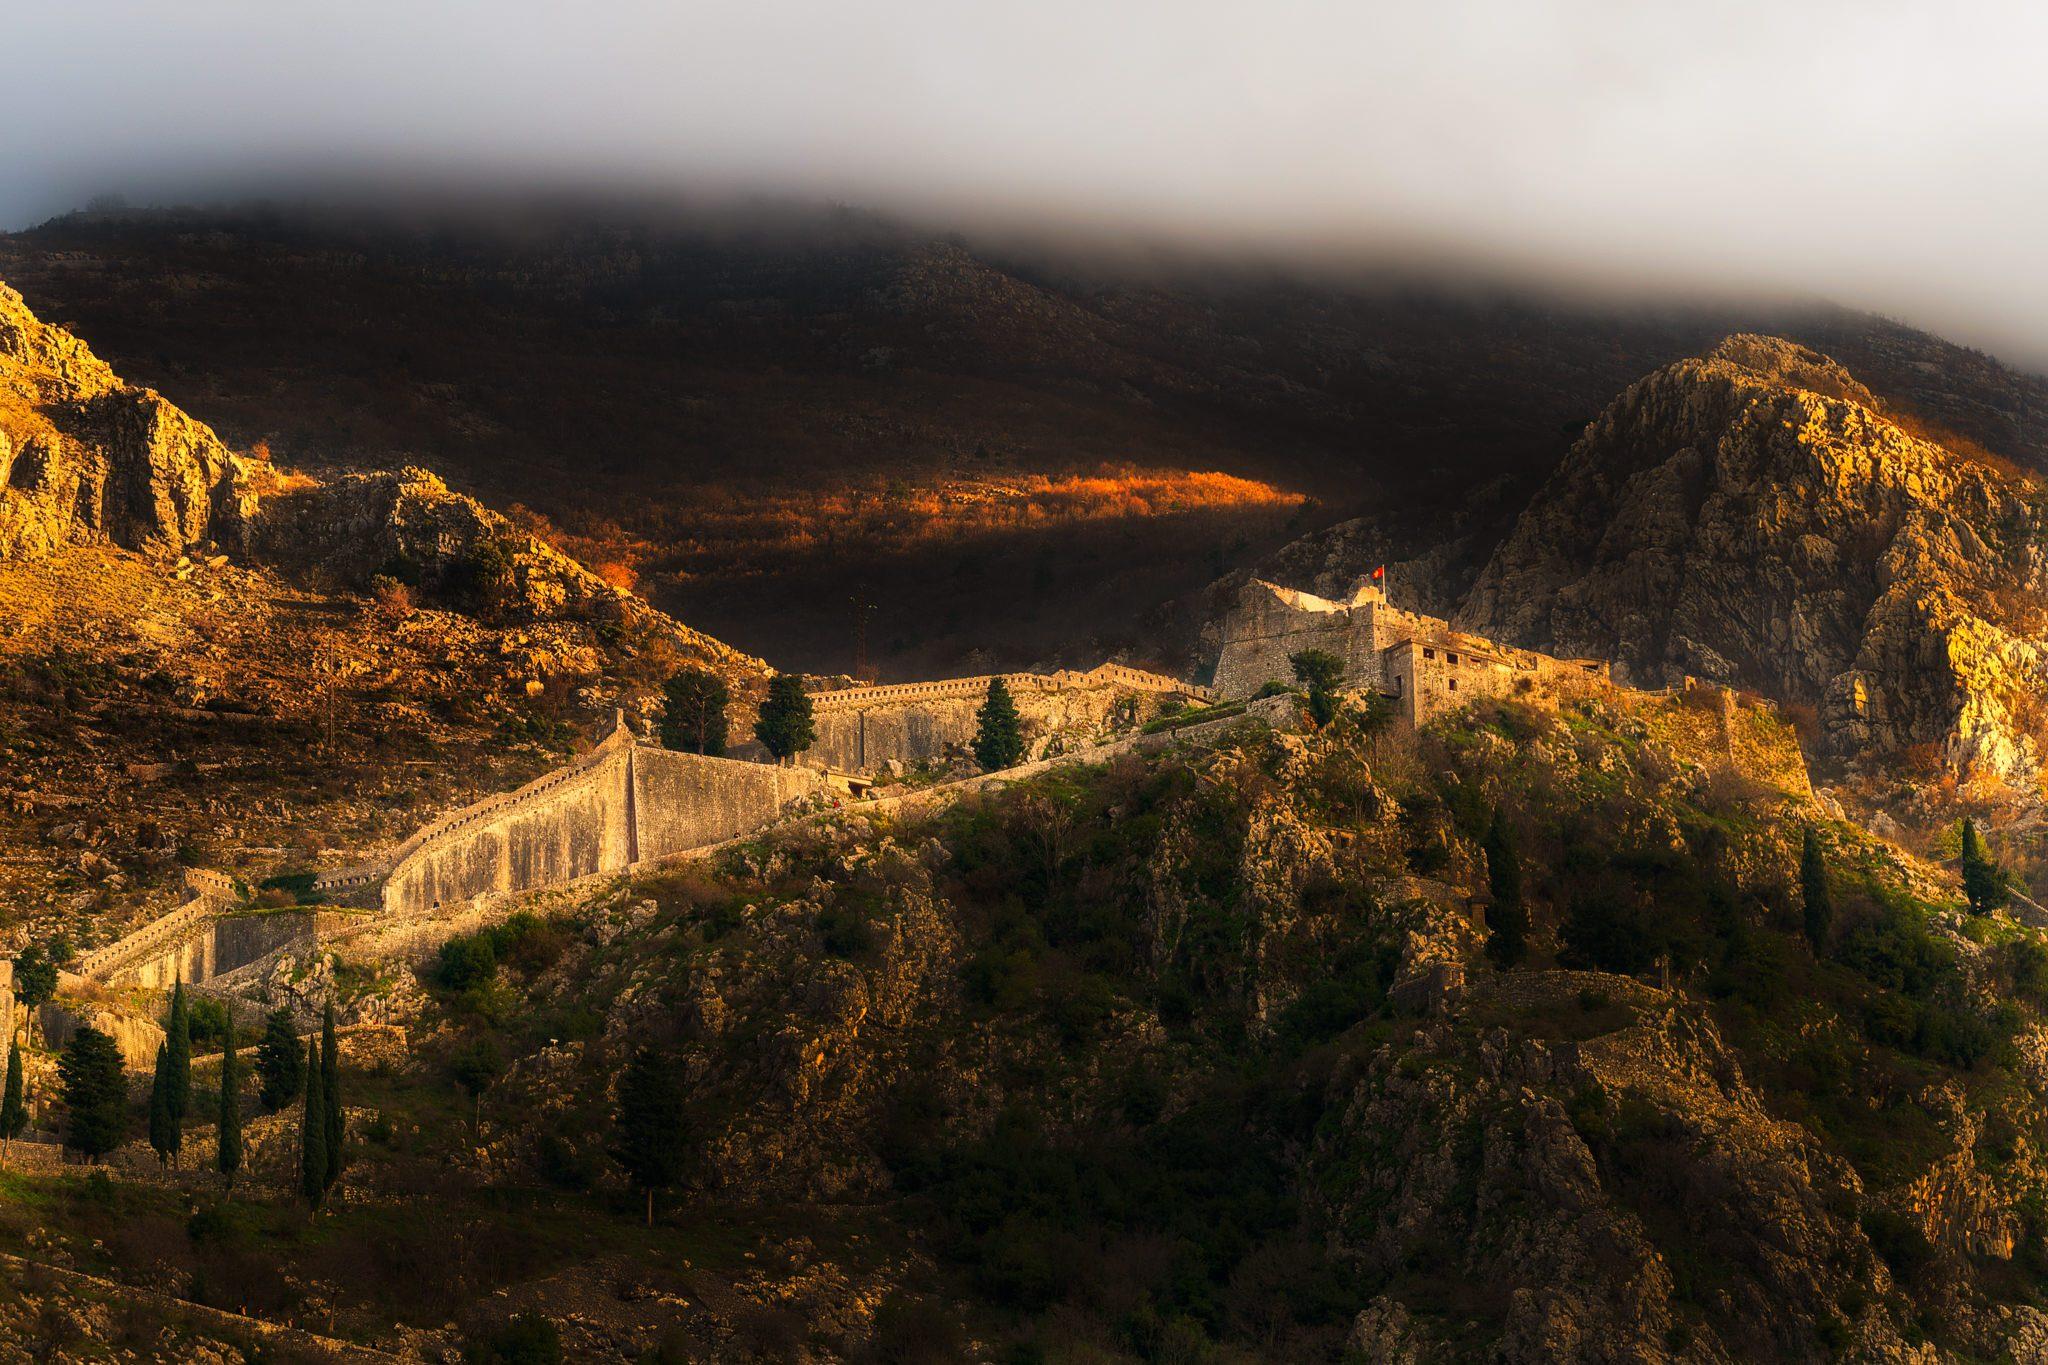 Panoramablick auf das Schloss Kotor, hinter Wolken.